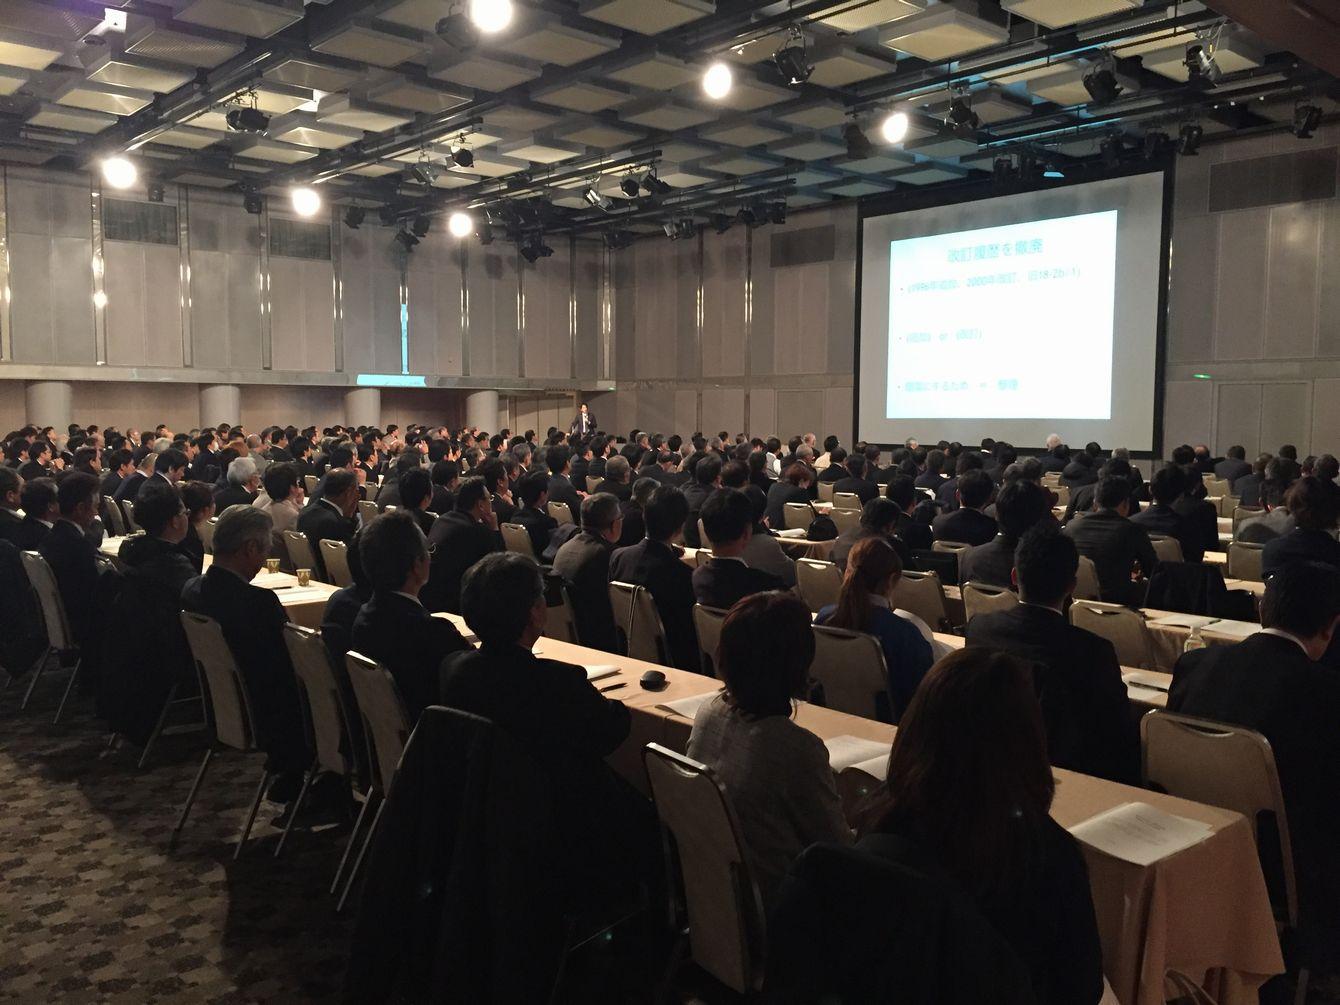 関西ゴルフ連盟 2016年度ゴルフ規則改訂説明会